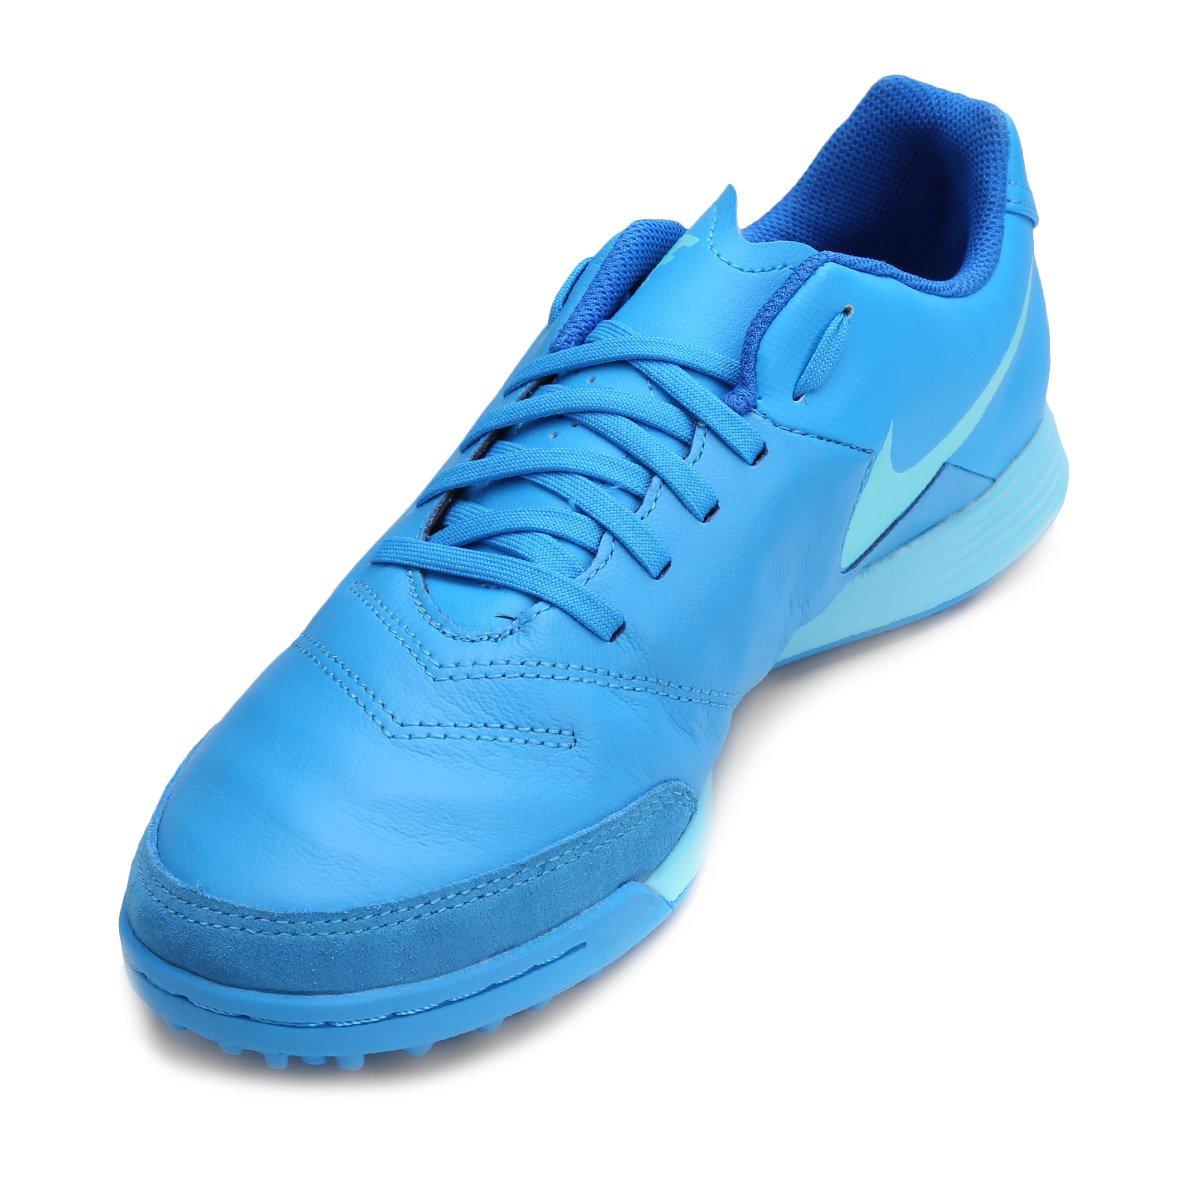 Chuteira Society Nike Tiempo Genio 2 Leather TF - Compre Agora ... b89002b850609